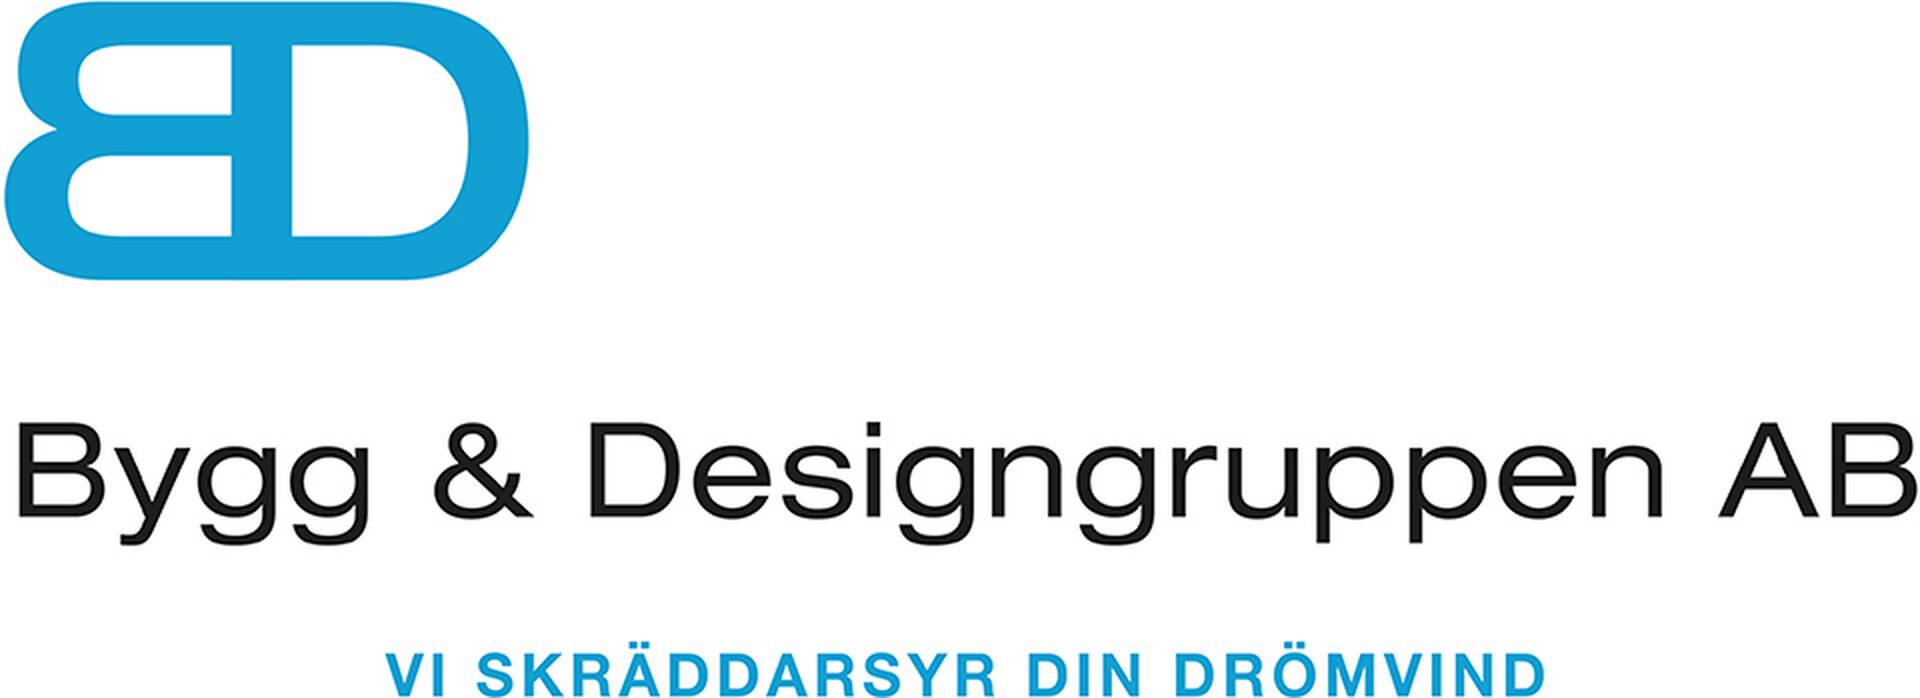 BDG logo NY liten